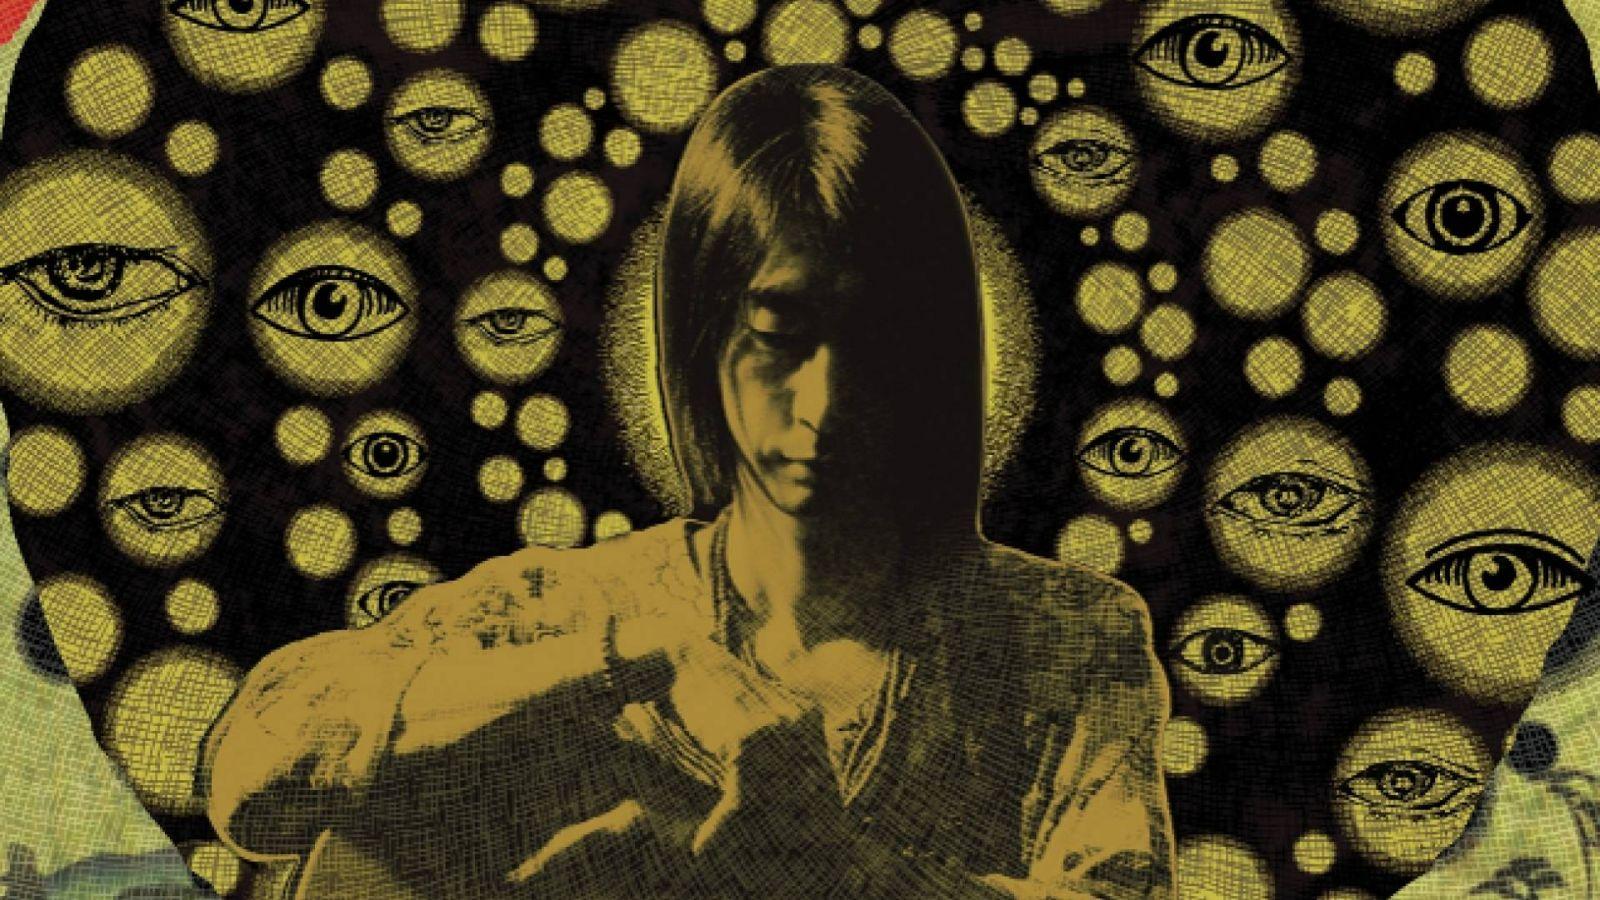 Masaki Batoh - Nowhere © Drag City inc.